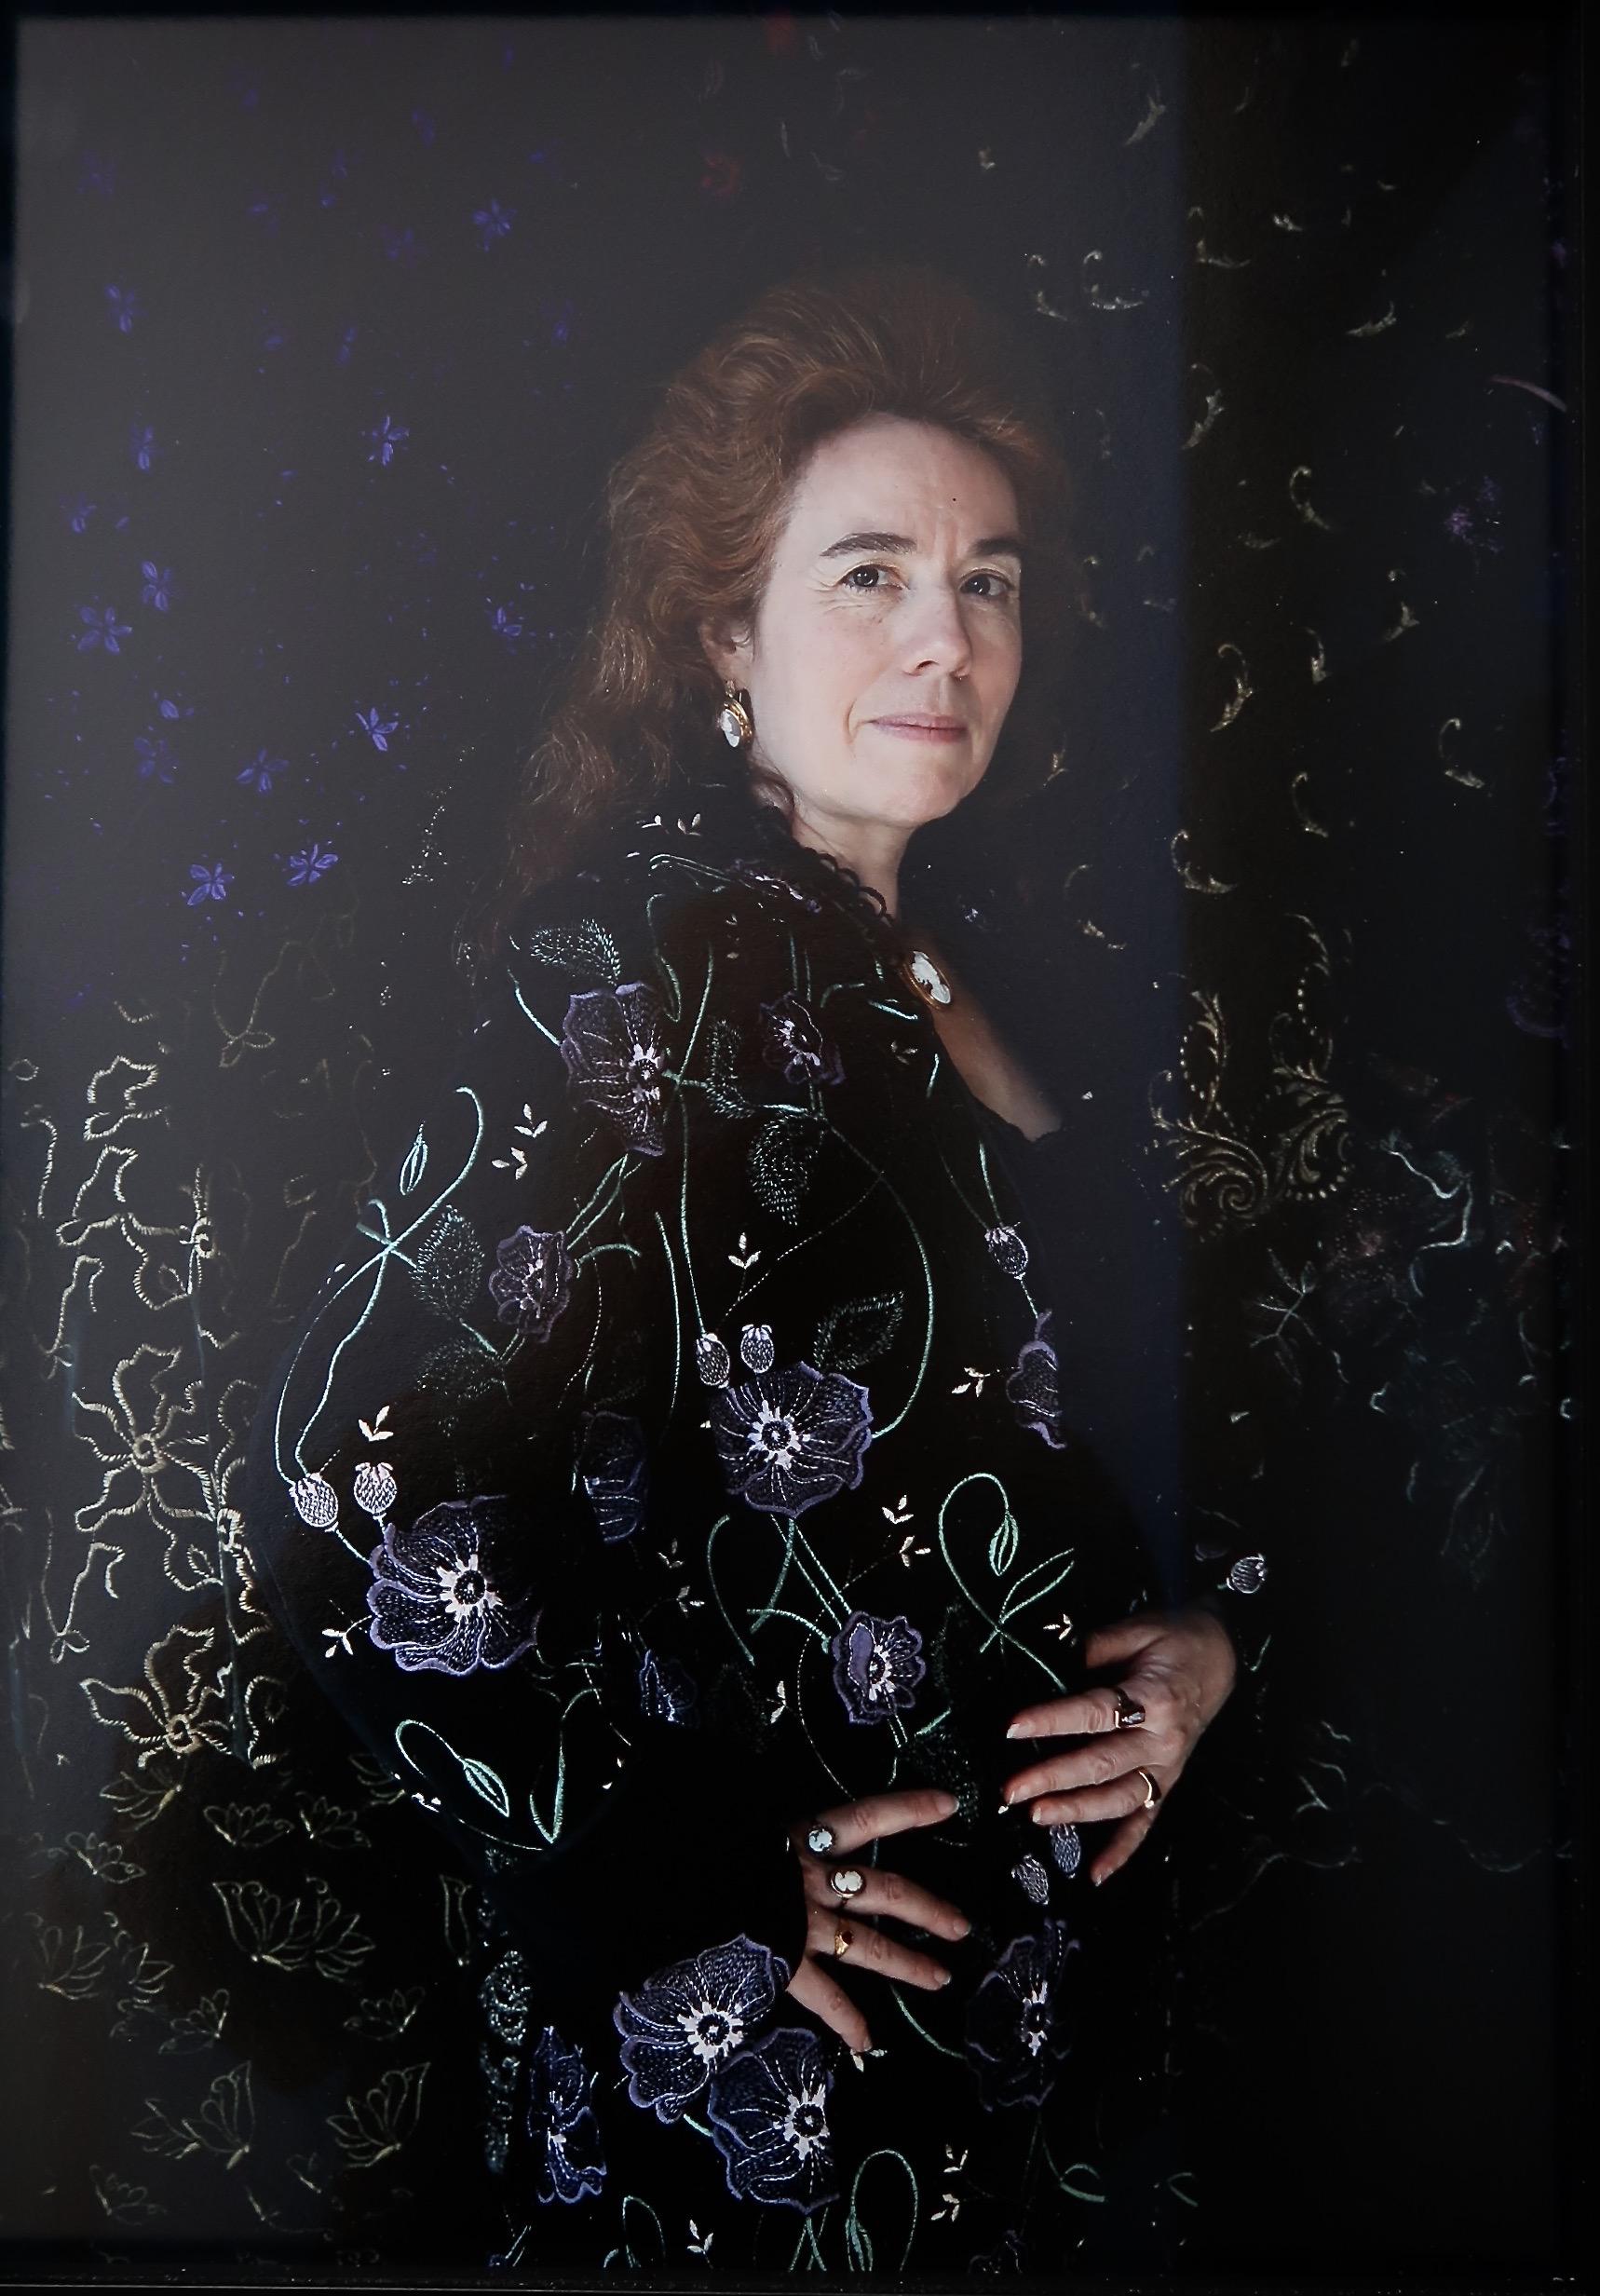 Carla van de Puttelaar, self 2020